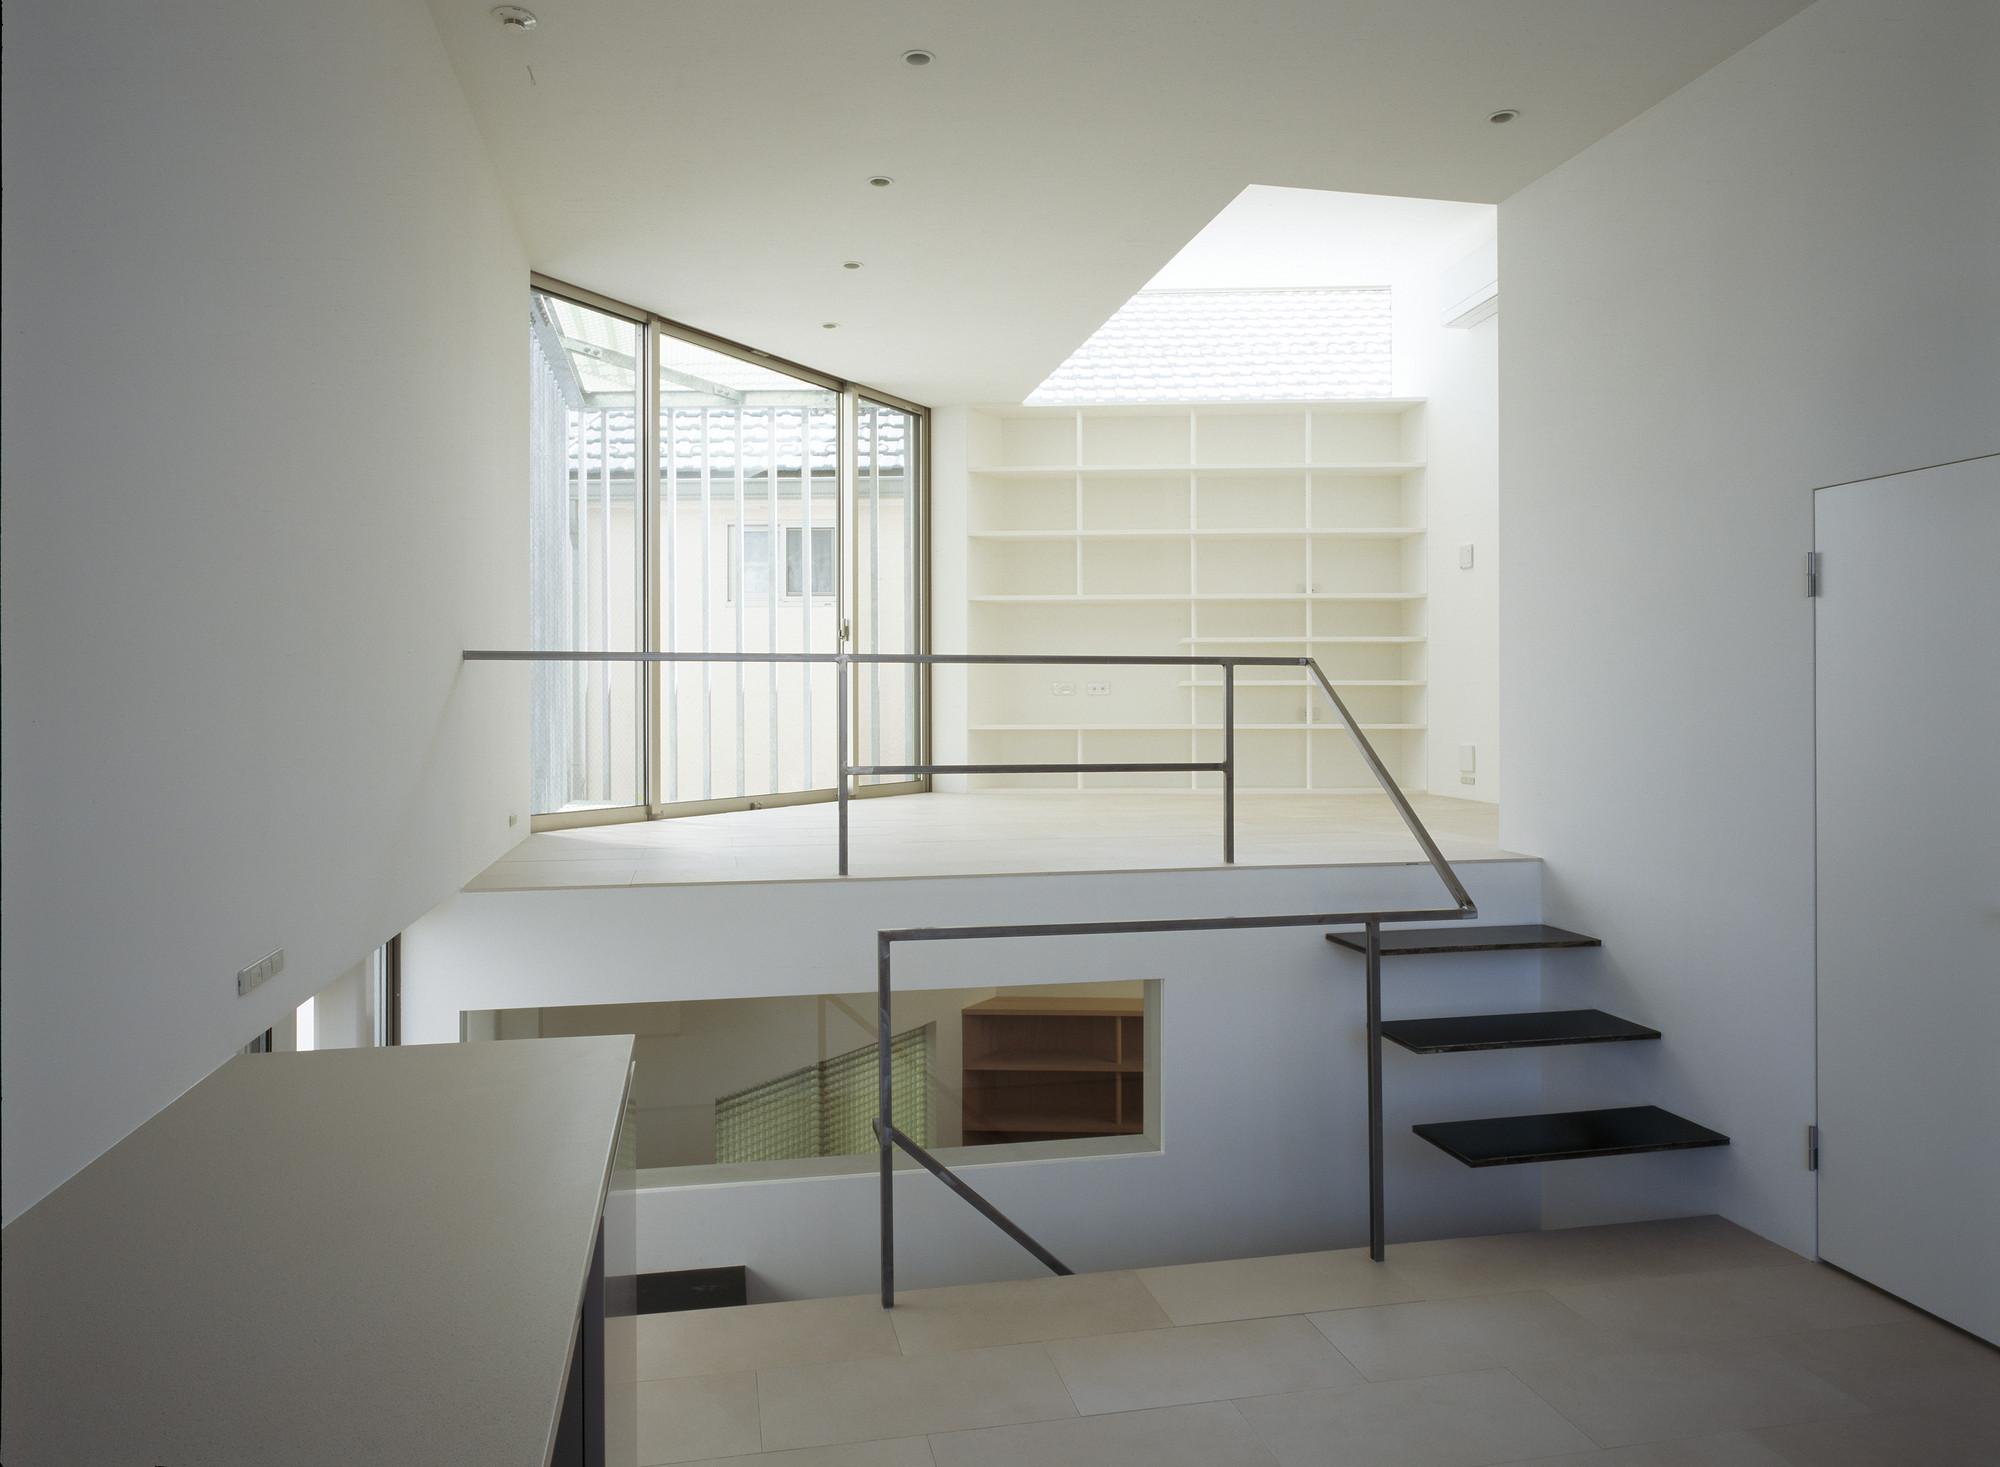 Galer a de matsubara house hiroyuki ito o f d 4 - Takanawa house by o f d hiroyuki ito ...